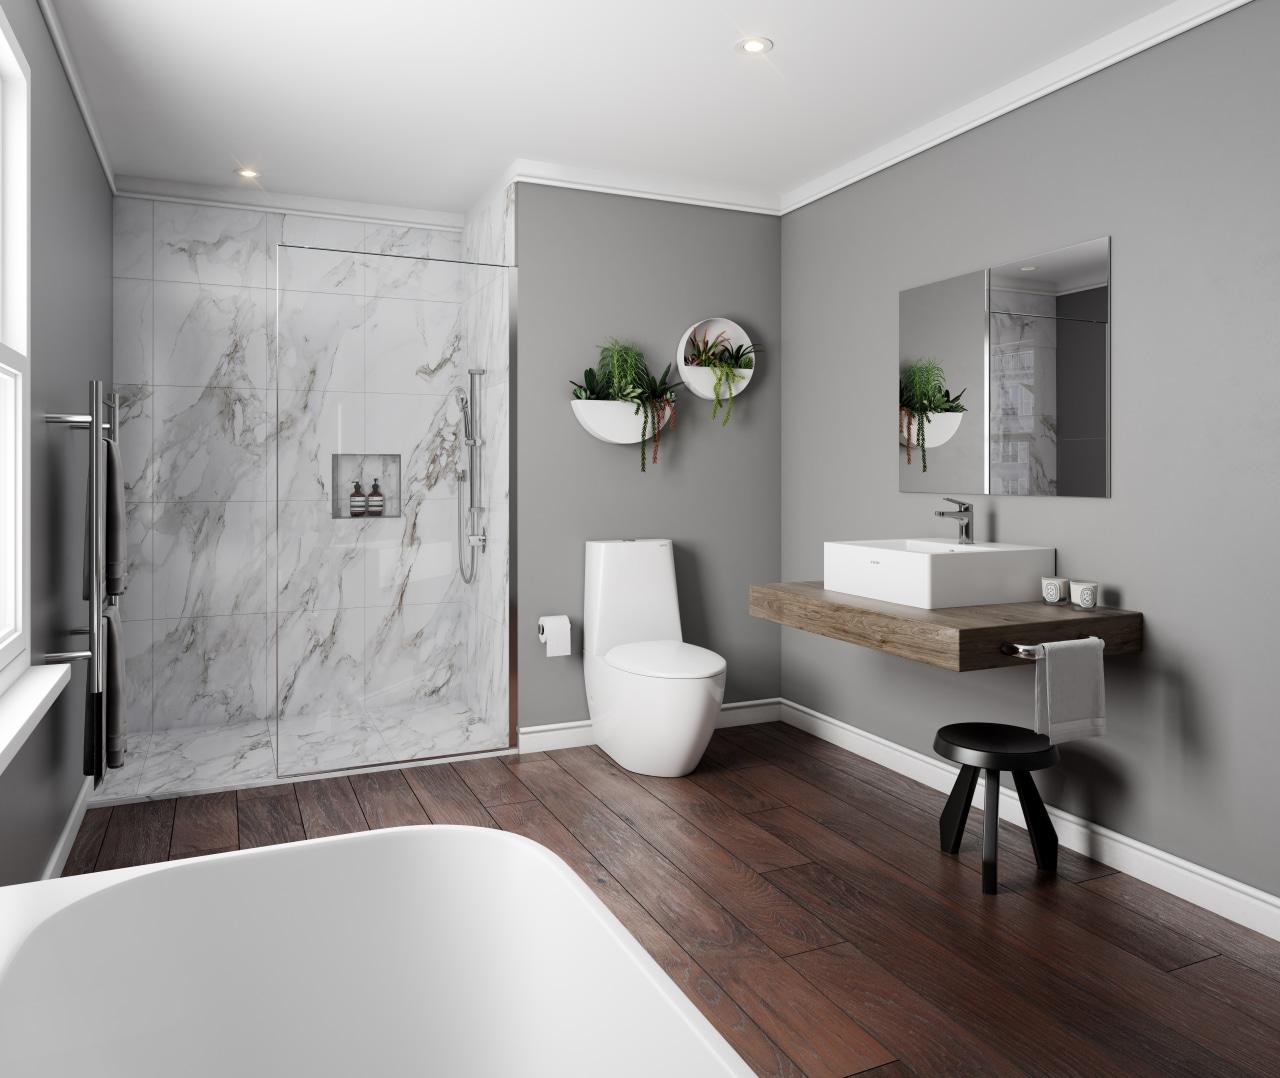 这个由Plumbing World 设计的卫生间,墙壁上巧妙运用绿植做装饰,既平衡了大理石的冰冷感,又与木质洗脸池台面相映衬。 architecture, bathroom, bathroom accessory, floor, home, interior design, plumbing fixture, room, sink, tap, wall, gray